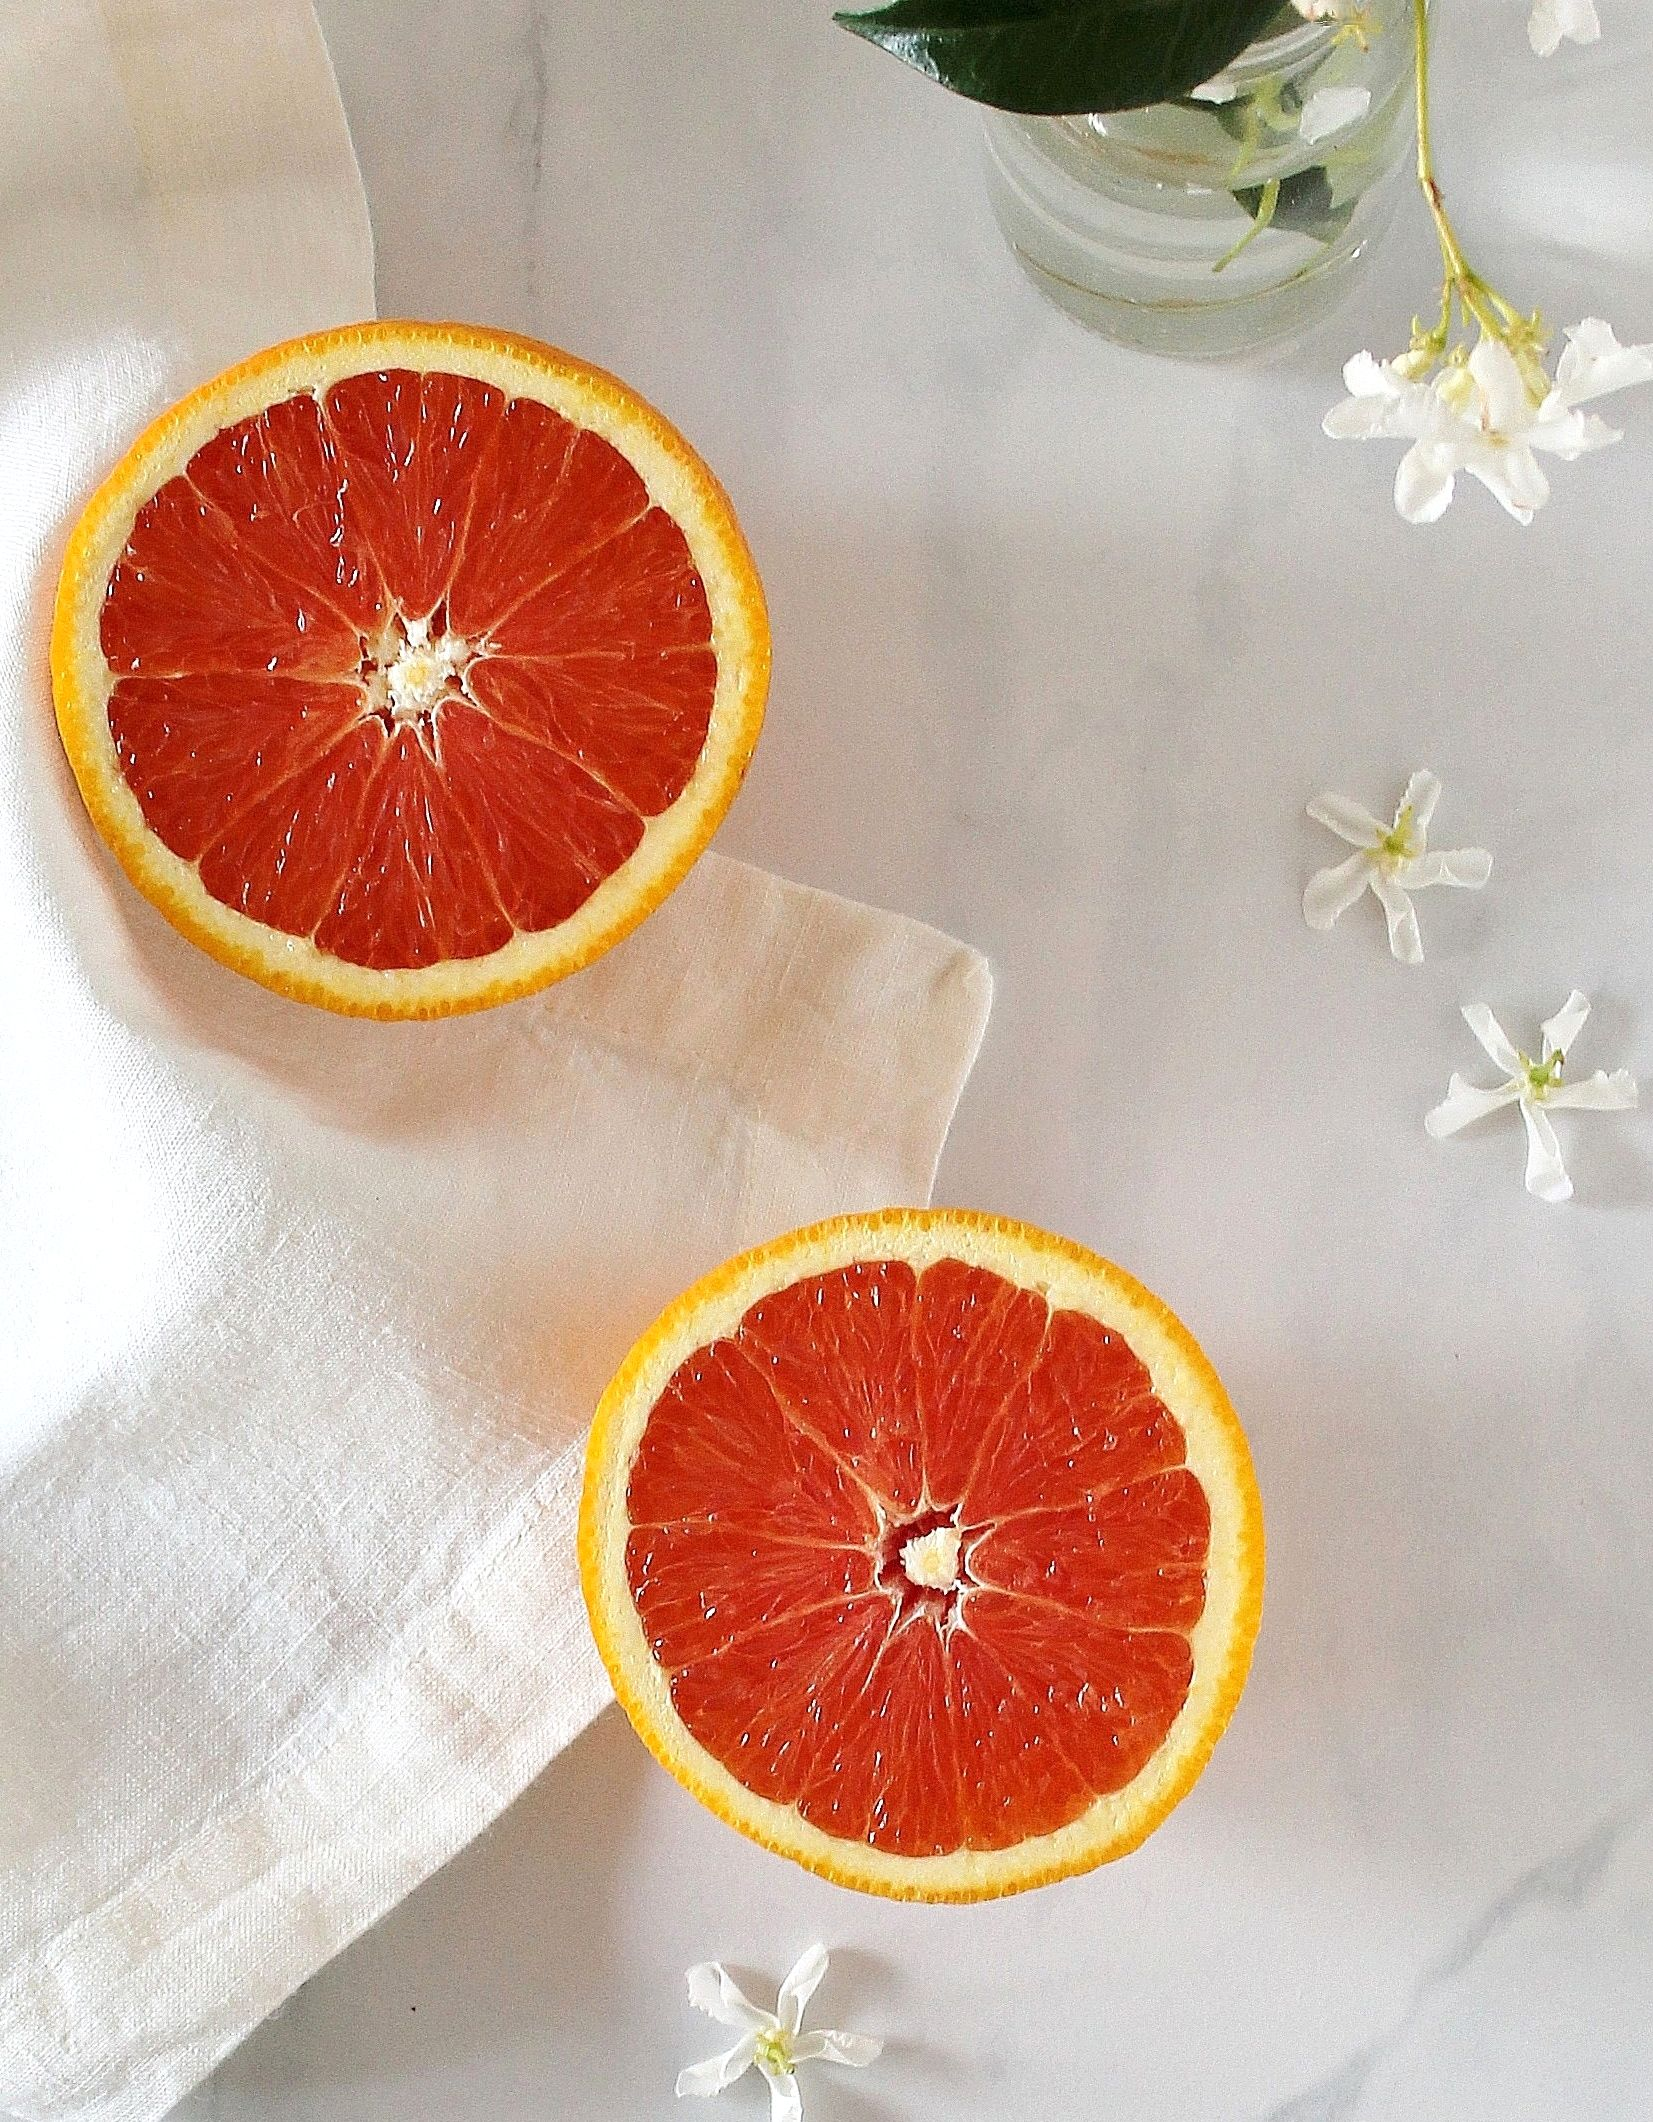 cara cara oranges_crop